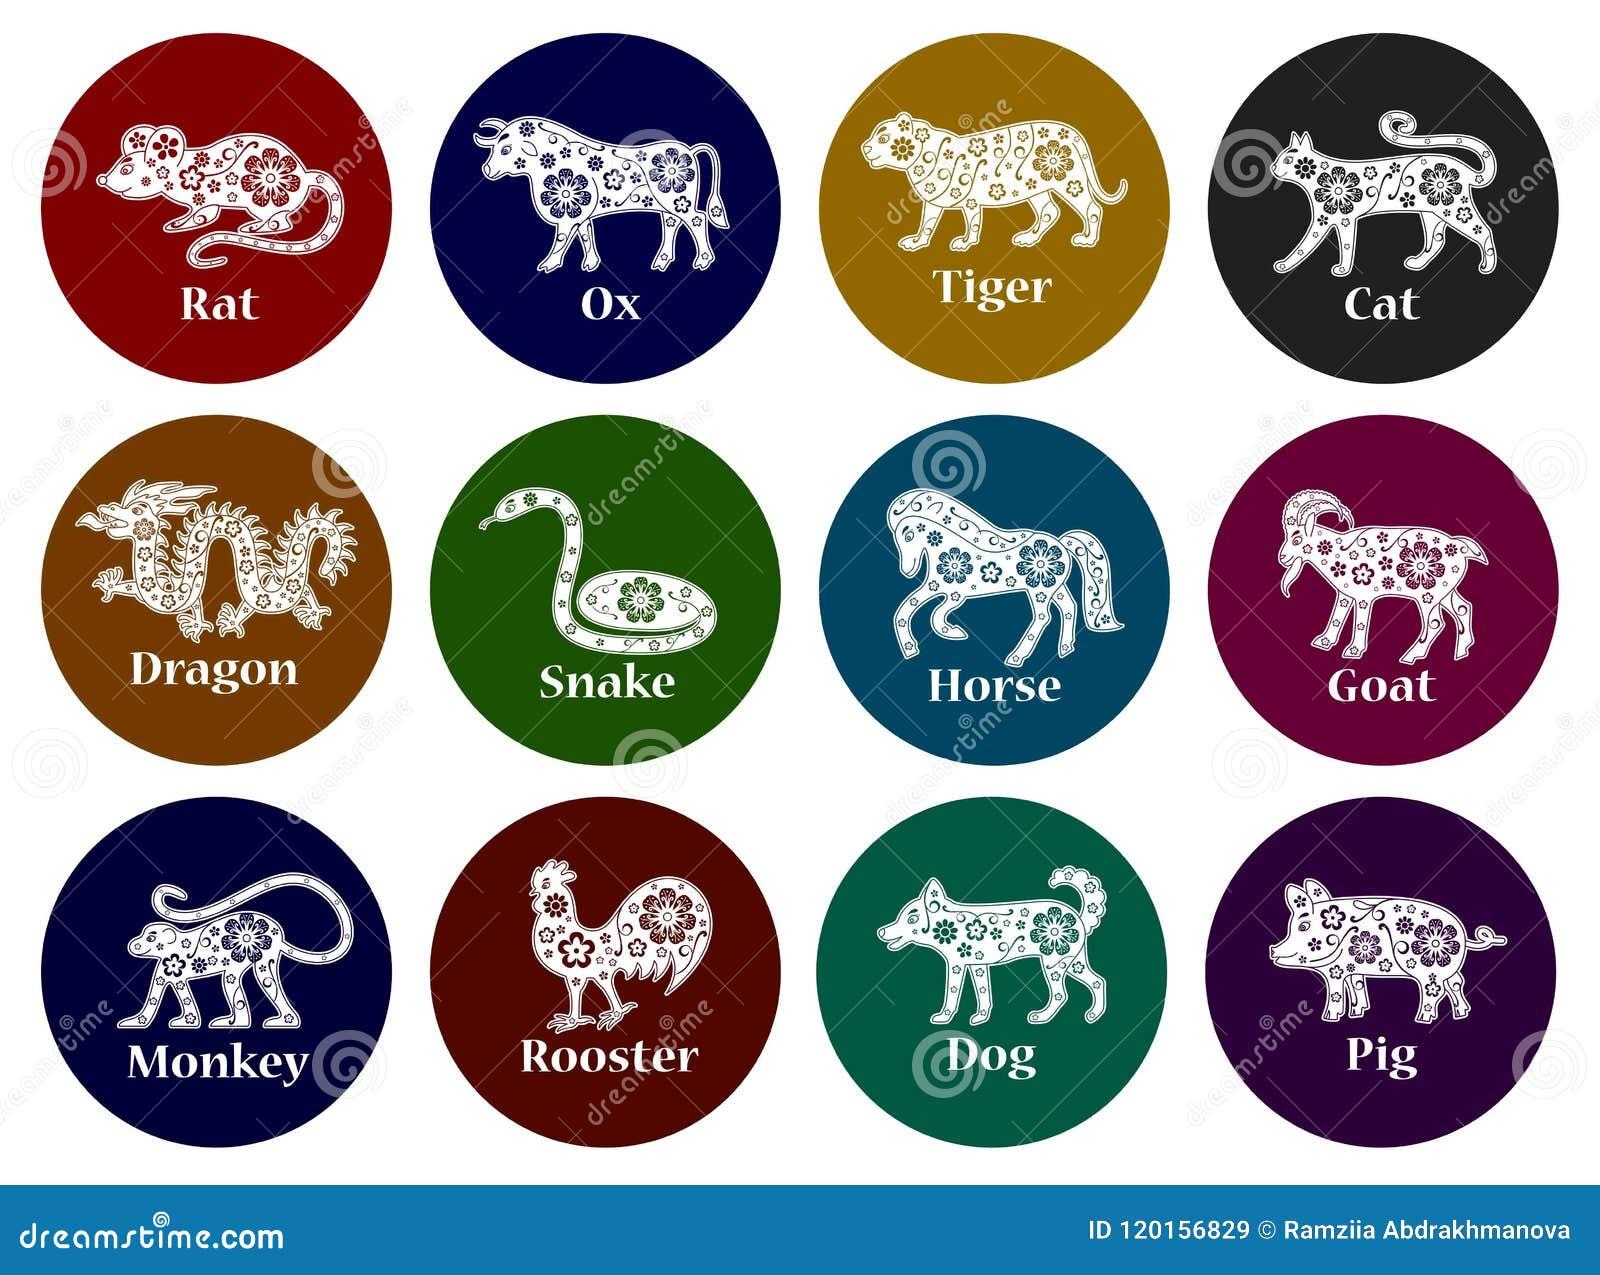 Chinese Horoscope 2019, 2020, 2021, 2022, 2023, 2024, 2025 Years